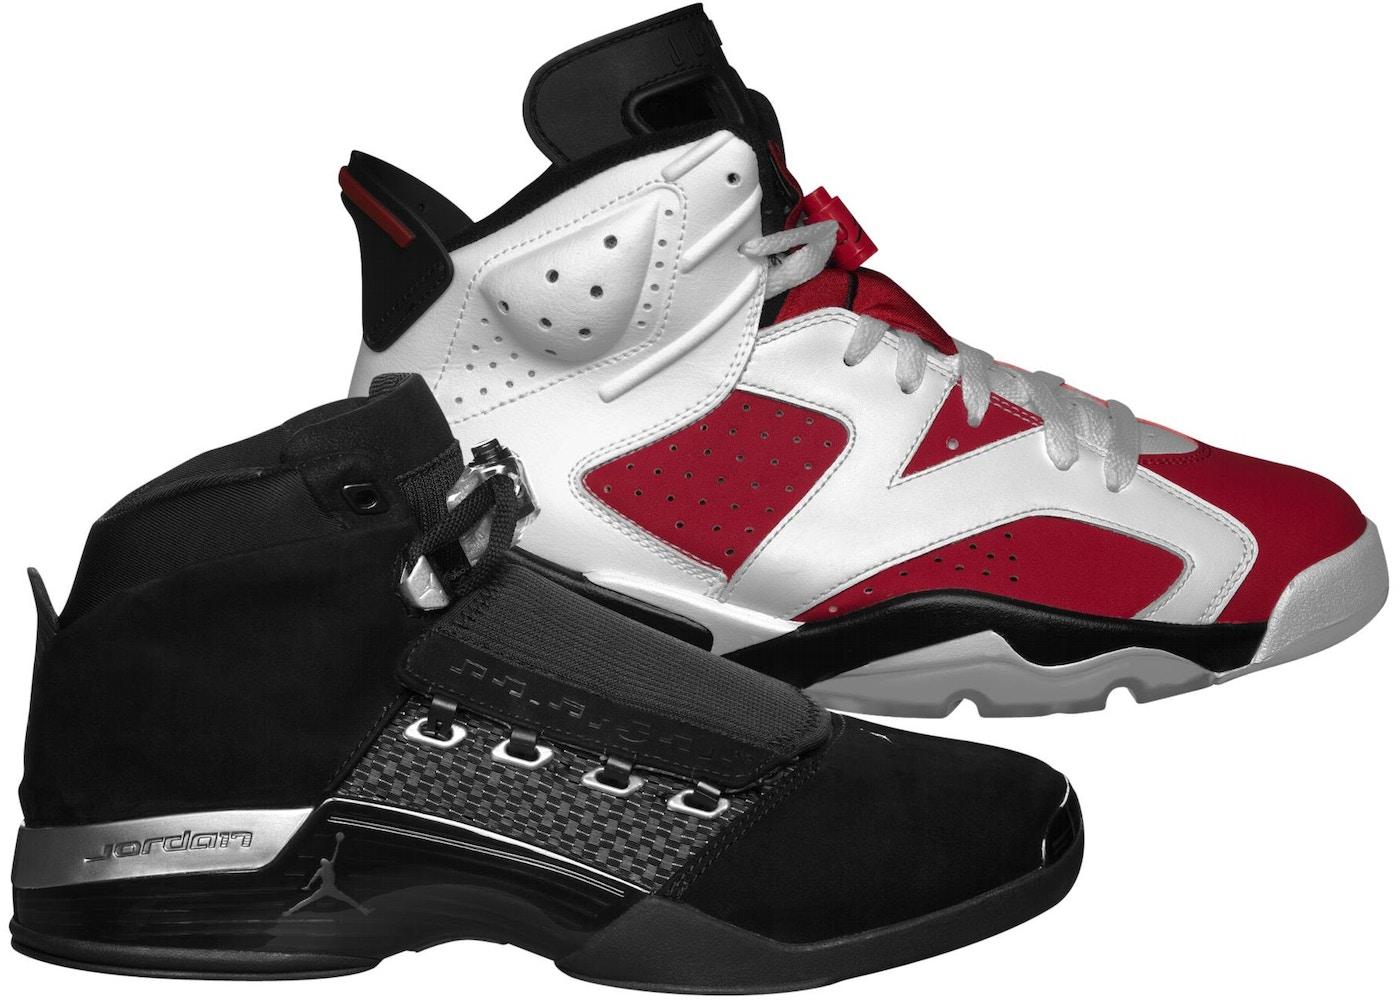 sale retailer b9794 8fbec Jordan Countdown Pack 6 17